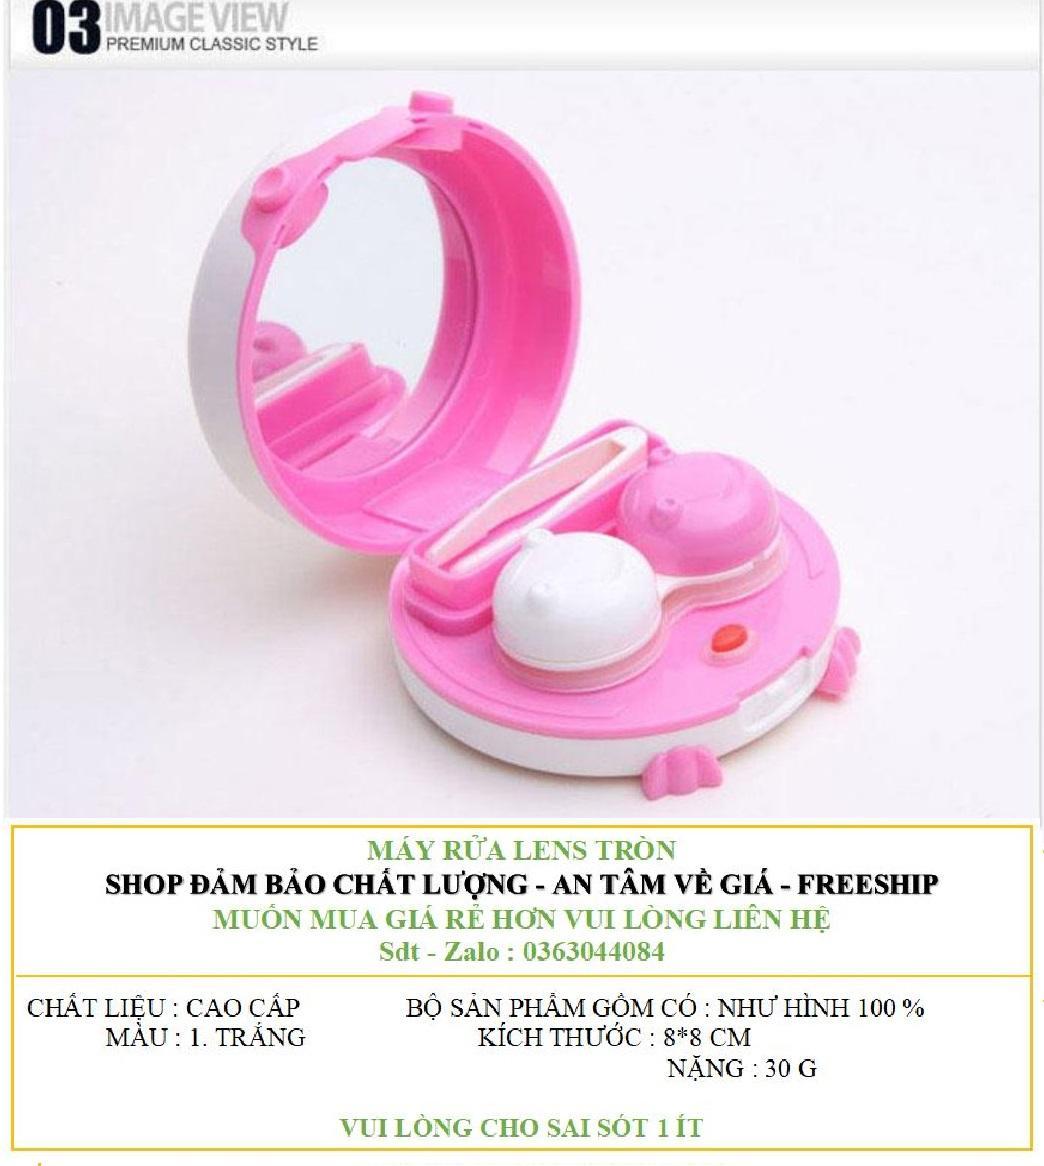 Máy rửa lens HÀN QUỐC CON ẾCH MÀU HỒNG- CHẤT LƯỢNG CAO CẤP. MUA 5 TẶNG 1 ( NHƯ HÌNH 100 % )-( KIỂM TRA KĨ LƯỠNG TRƯỚC KHI GIAO )